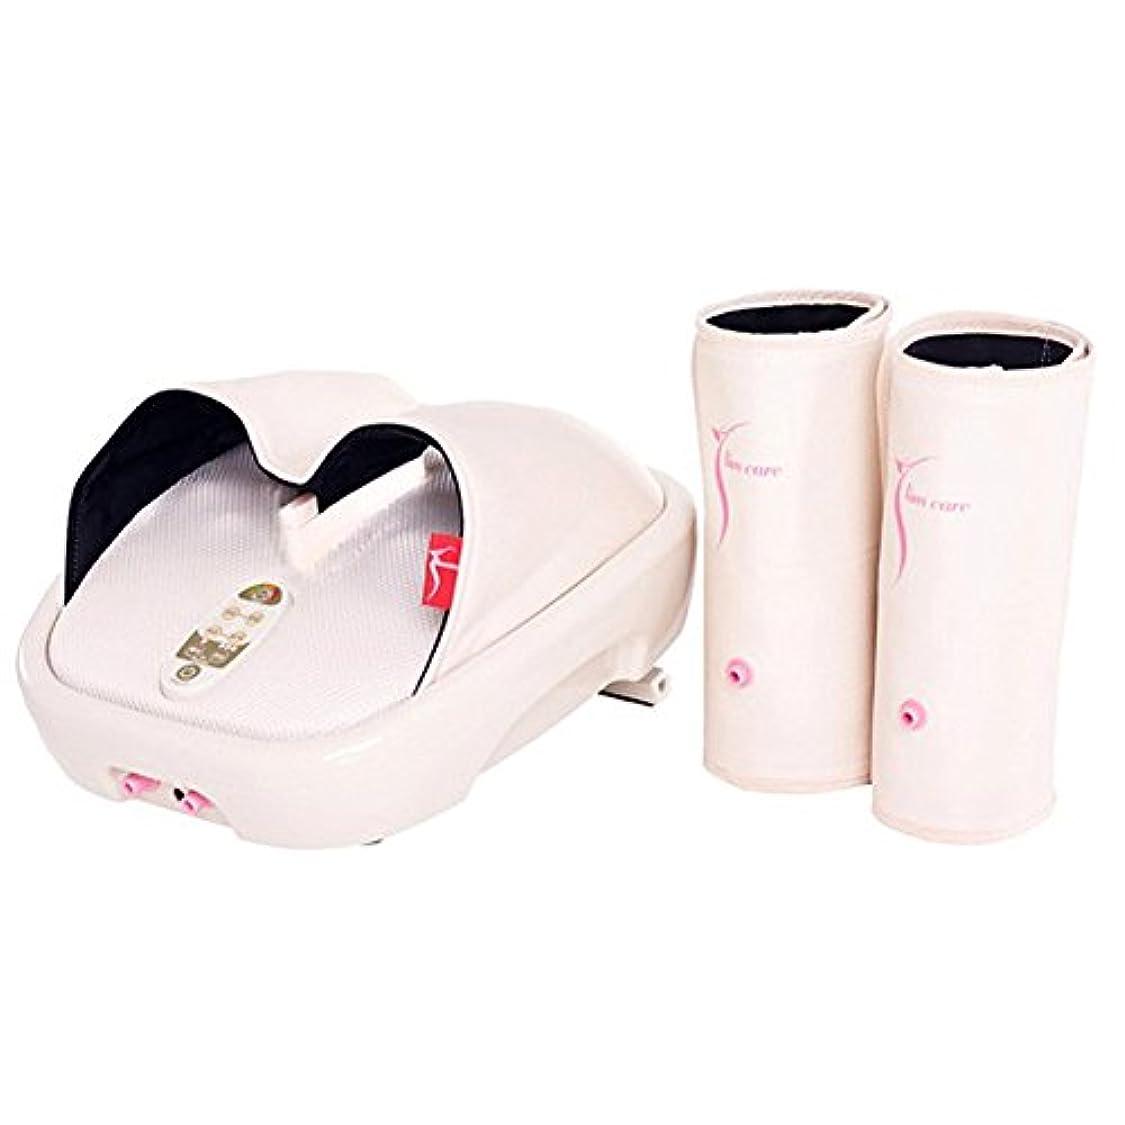 クスクス甘味日帰り旅行にHanil 532 Y-Liner HIL-9000F Air Compression Heating Foot Massager with Calf Cuff ハニール532 YライナーHILL-9000Fエアコンプレッションヒートフットマッサージャー...